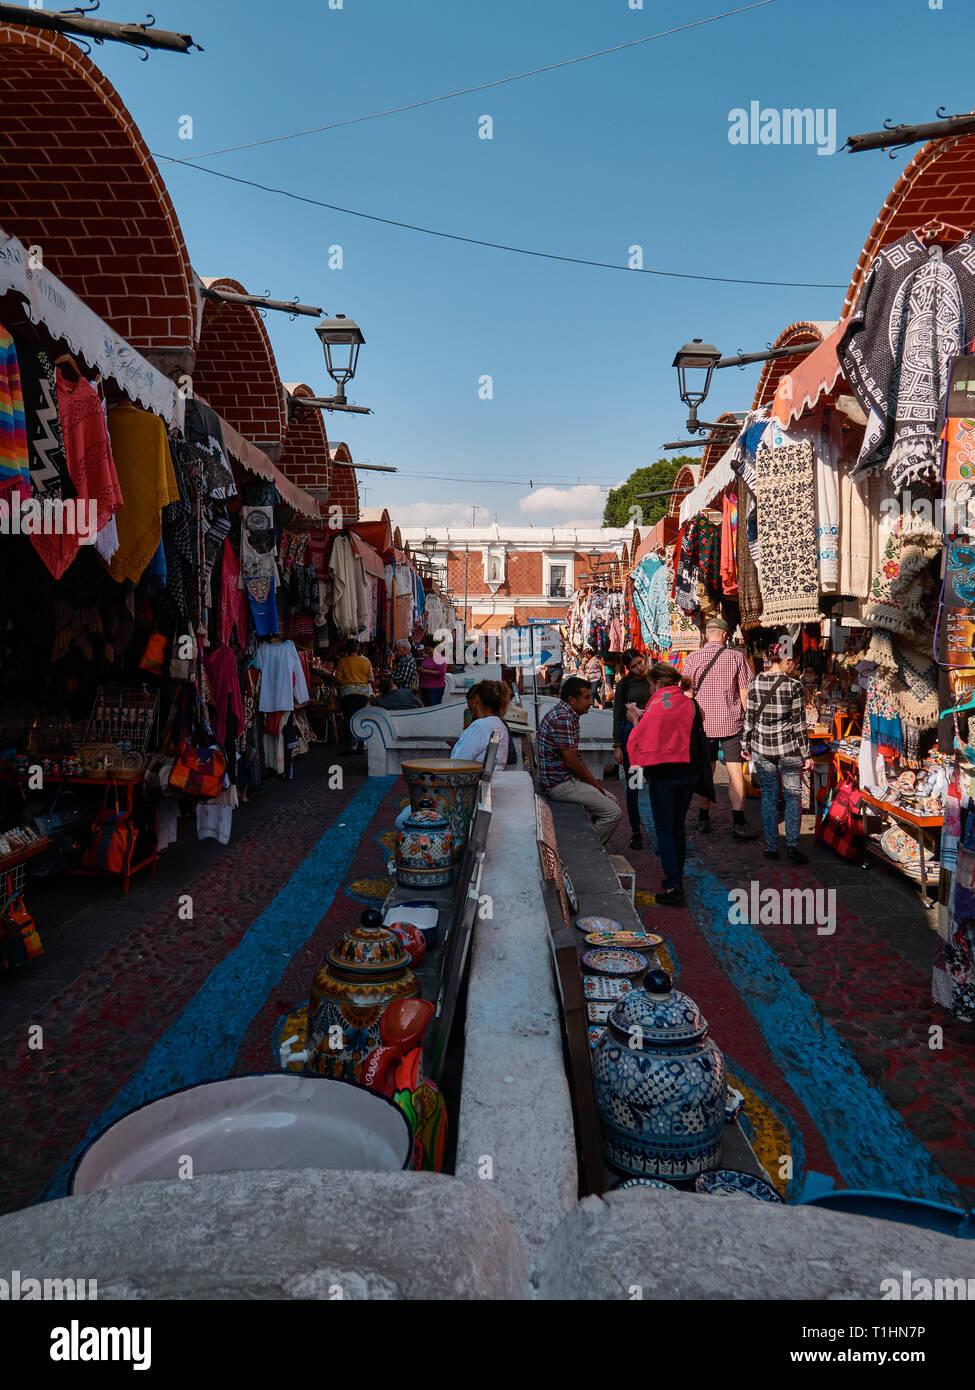 Touristische und typische Produkte im mexikanischen Handwerkermarkt El Parian, Avenida 6 Oriente, Puebla, Mexiko Stockbild